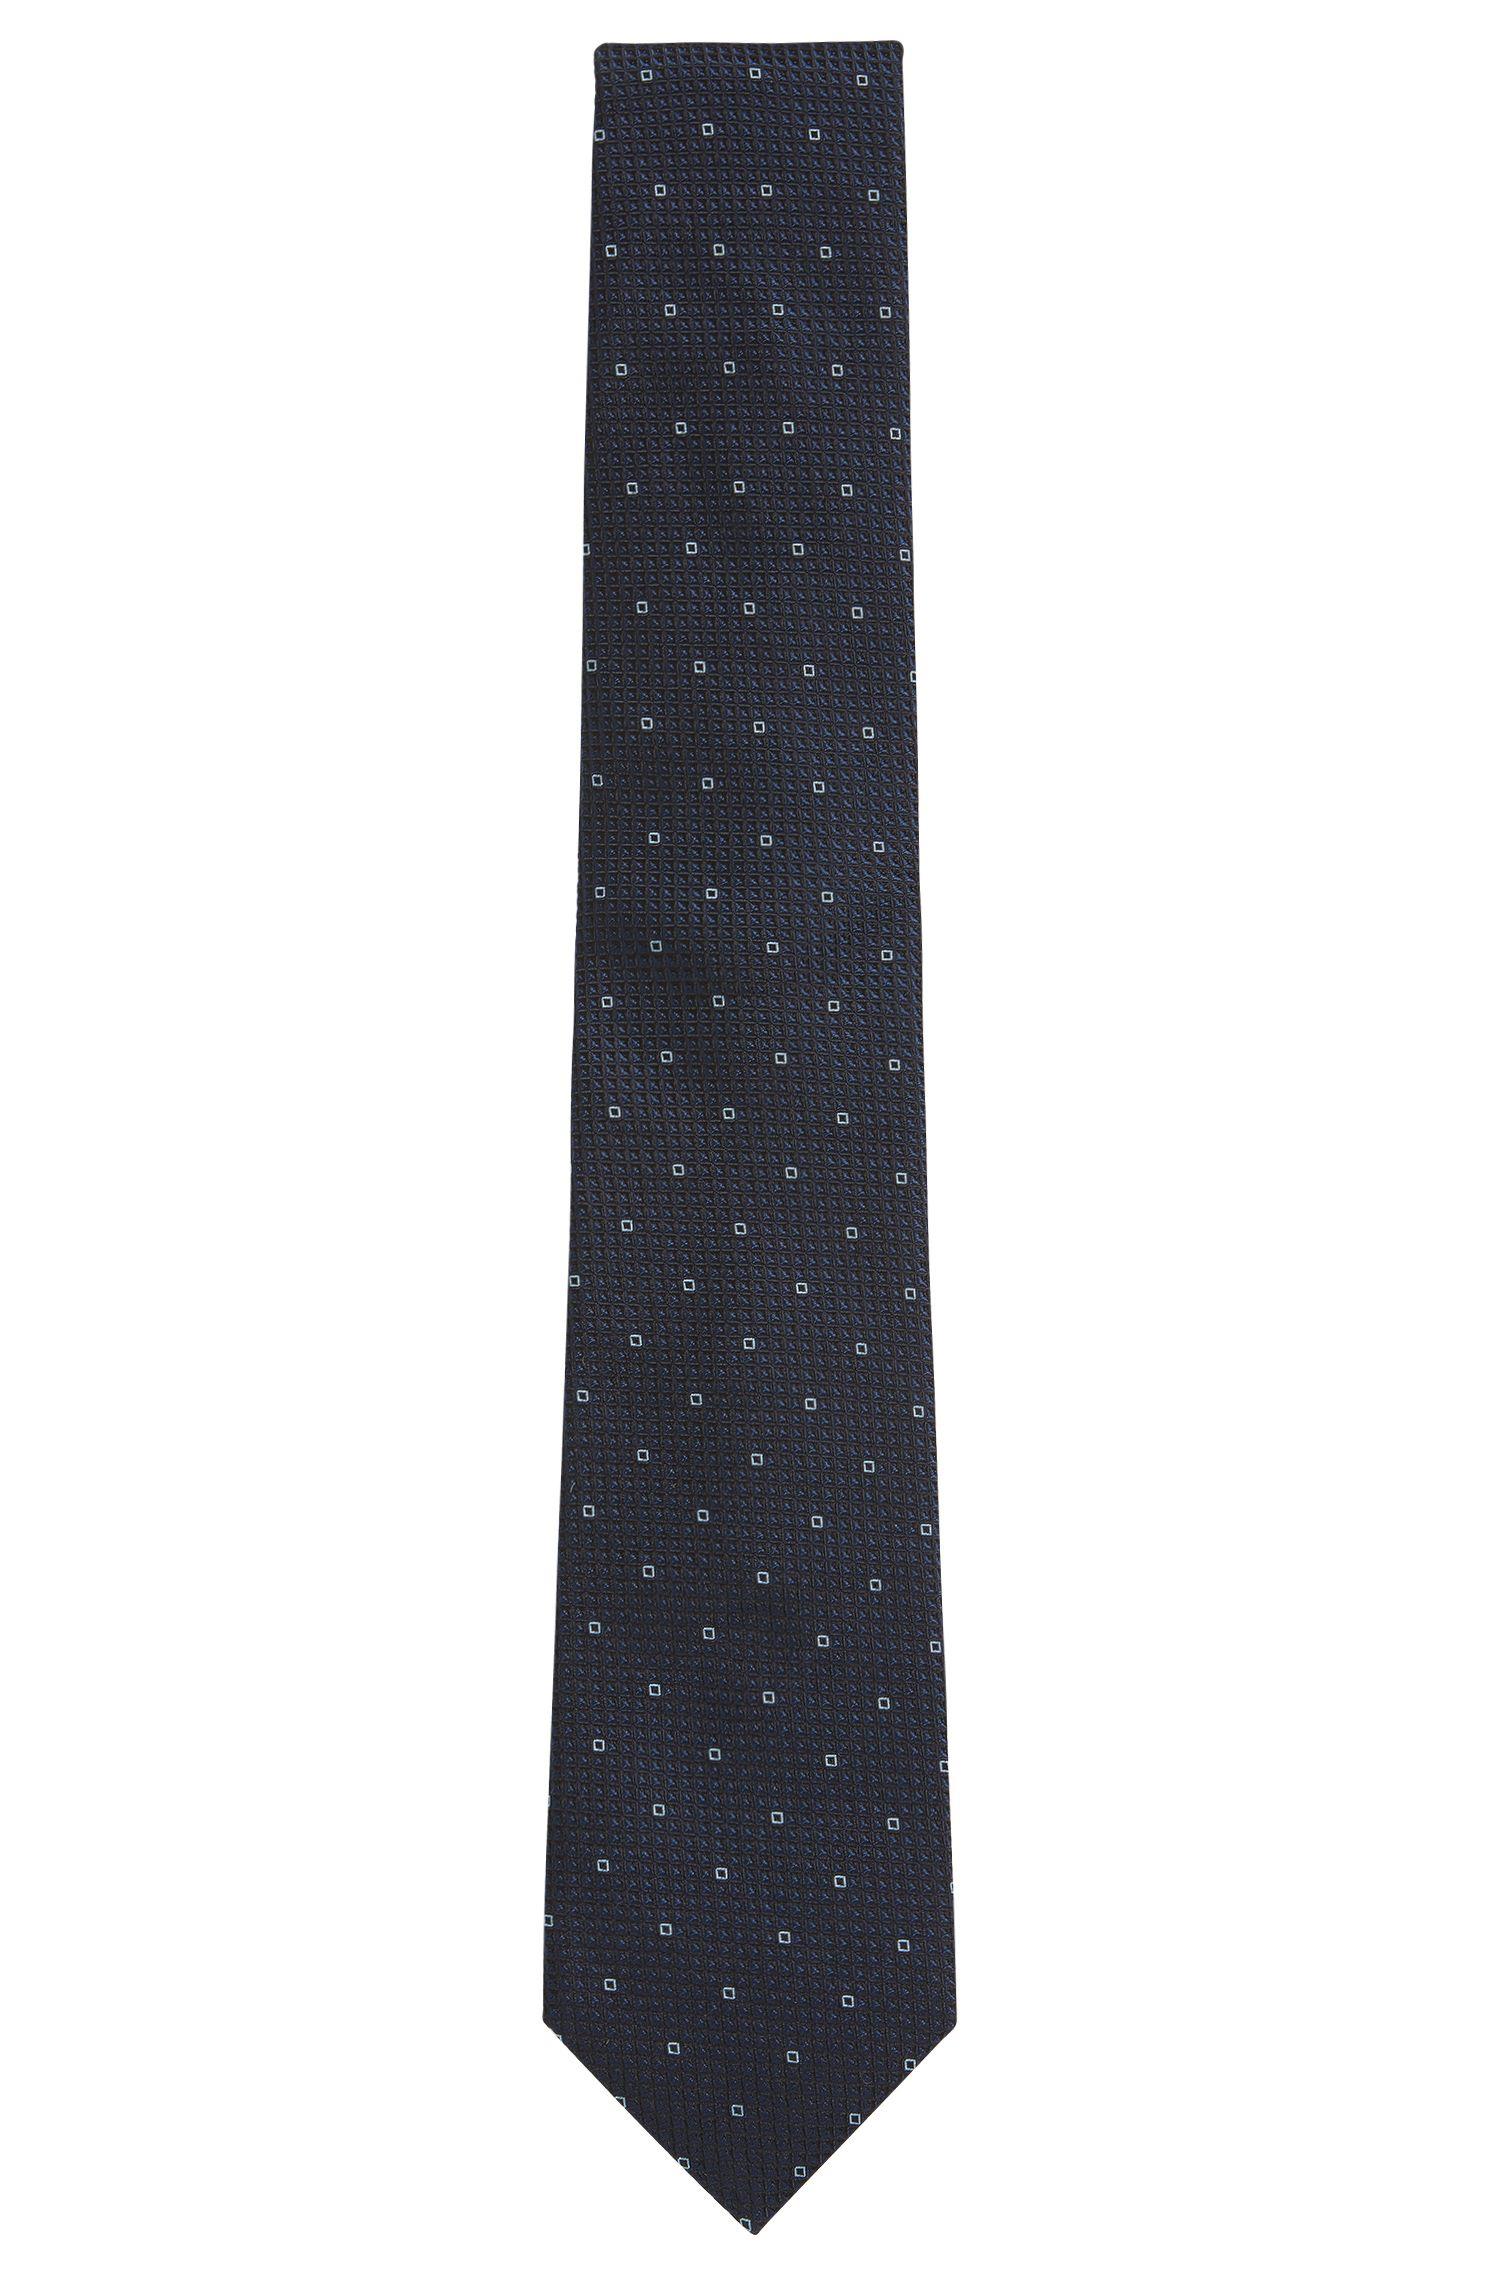 Gemusterte Jacquard-Krawatte aus Seide